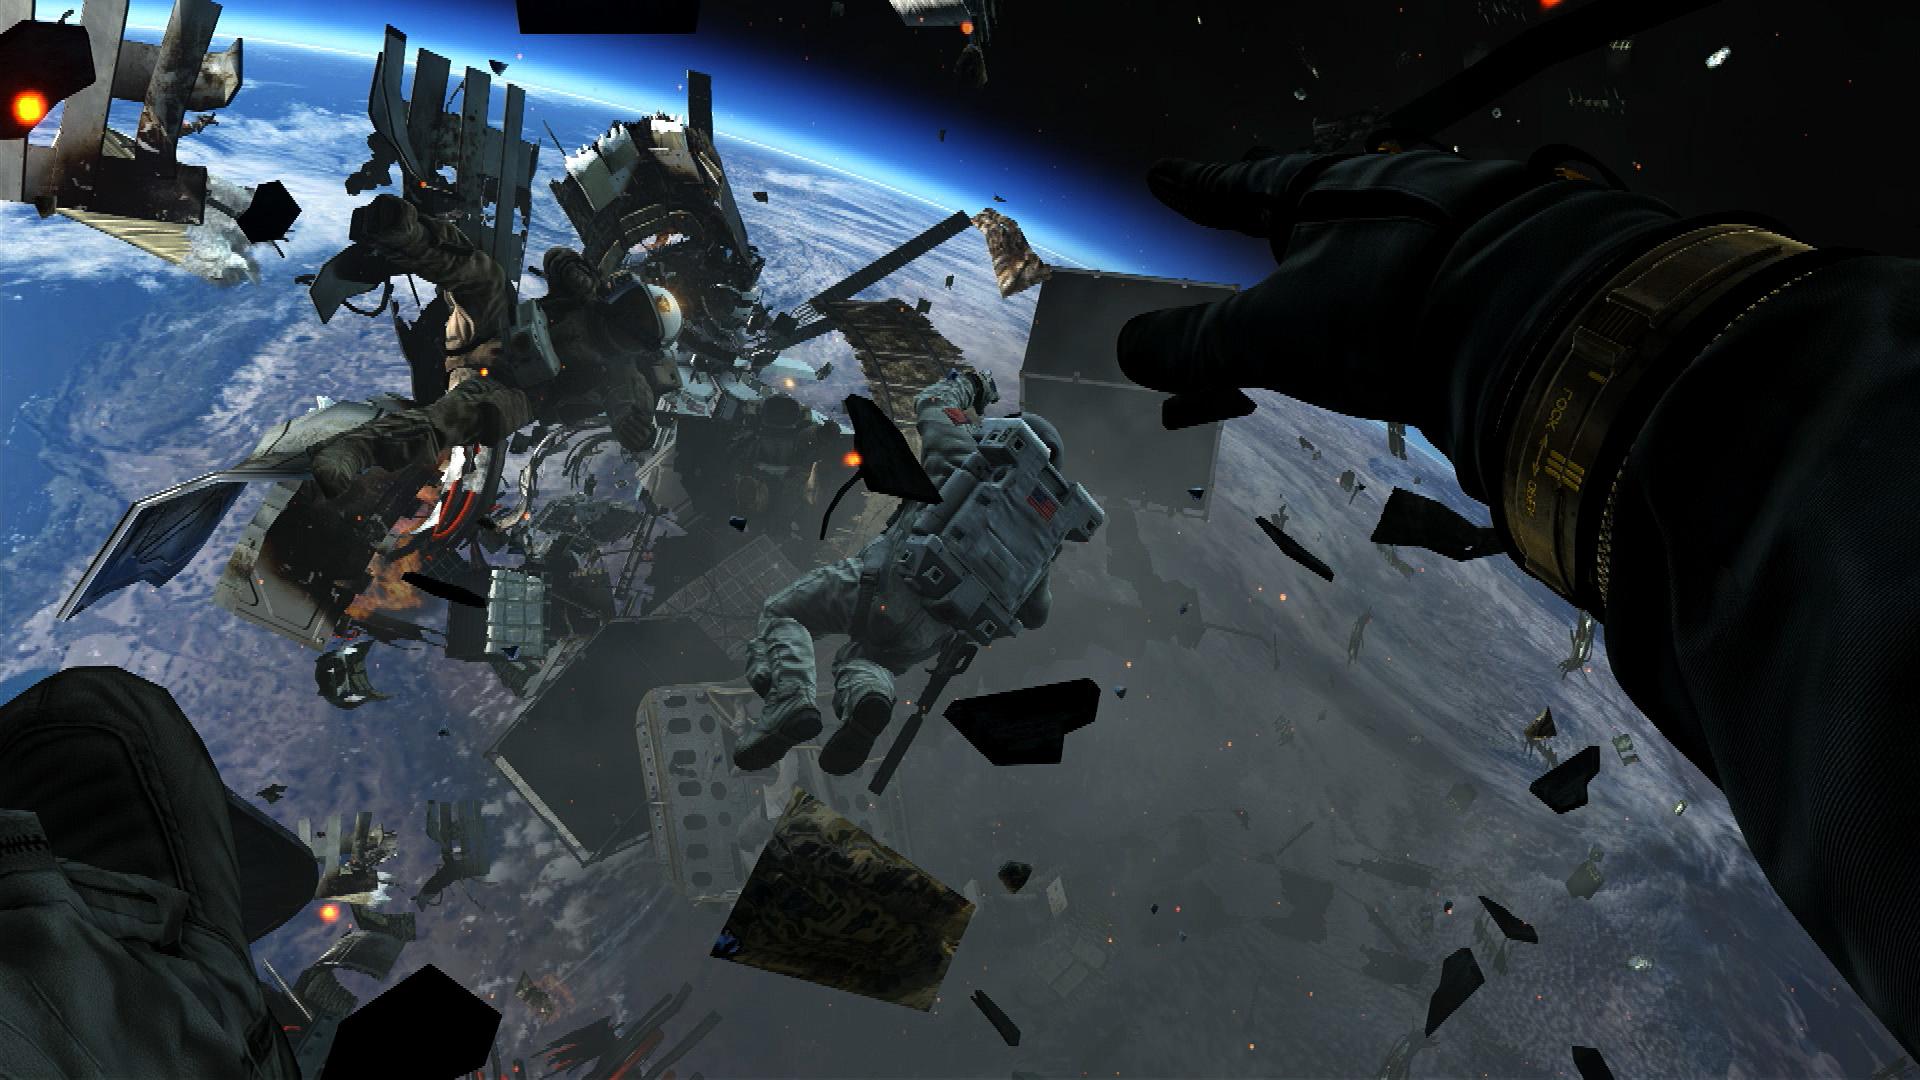 「コール オブ デューティ ゴースト」のストーリーは戦略衛星「ODIN」を巡る戦いからスタートする。この衛星からの攻撃により、アメリカ全土が荒廃してしまう